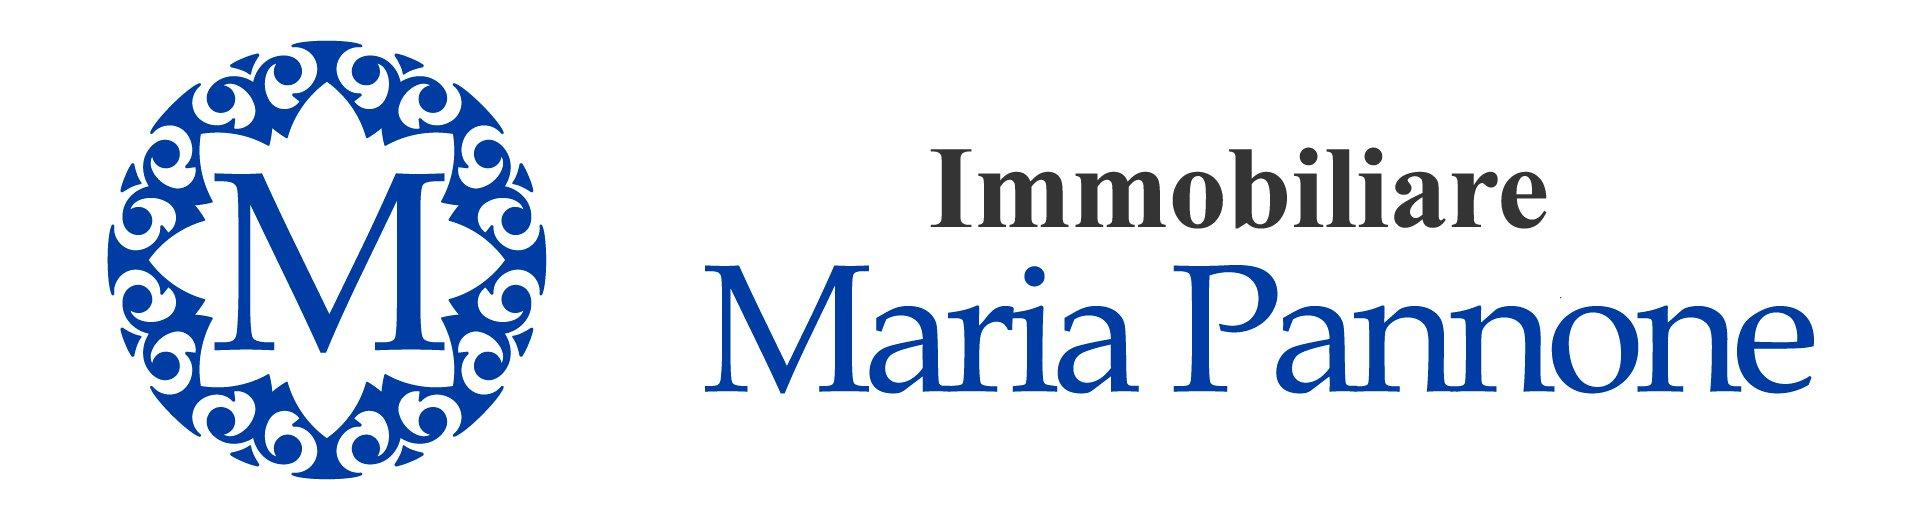 Immobiliare Maria Pannone